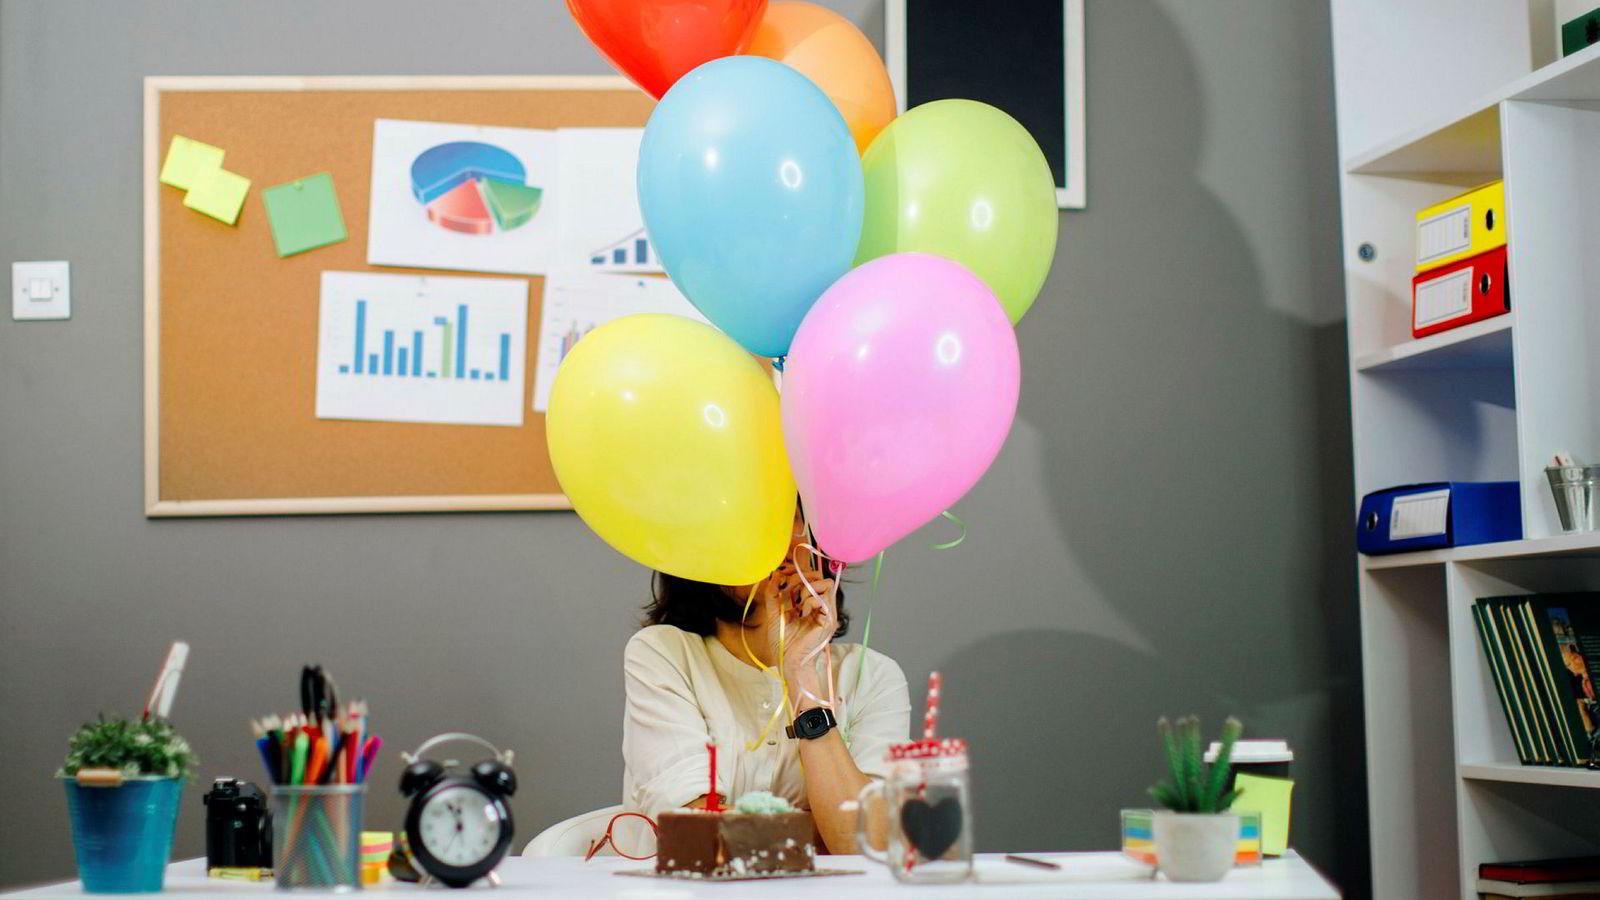 Ballonger i anledning kvinnedagen er ikke den beste måten å hylle kvinnelige kolleger på, mener artikkelforfatteren. Noe som kan flytte holdninger er bedre.